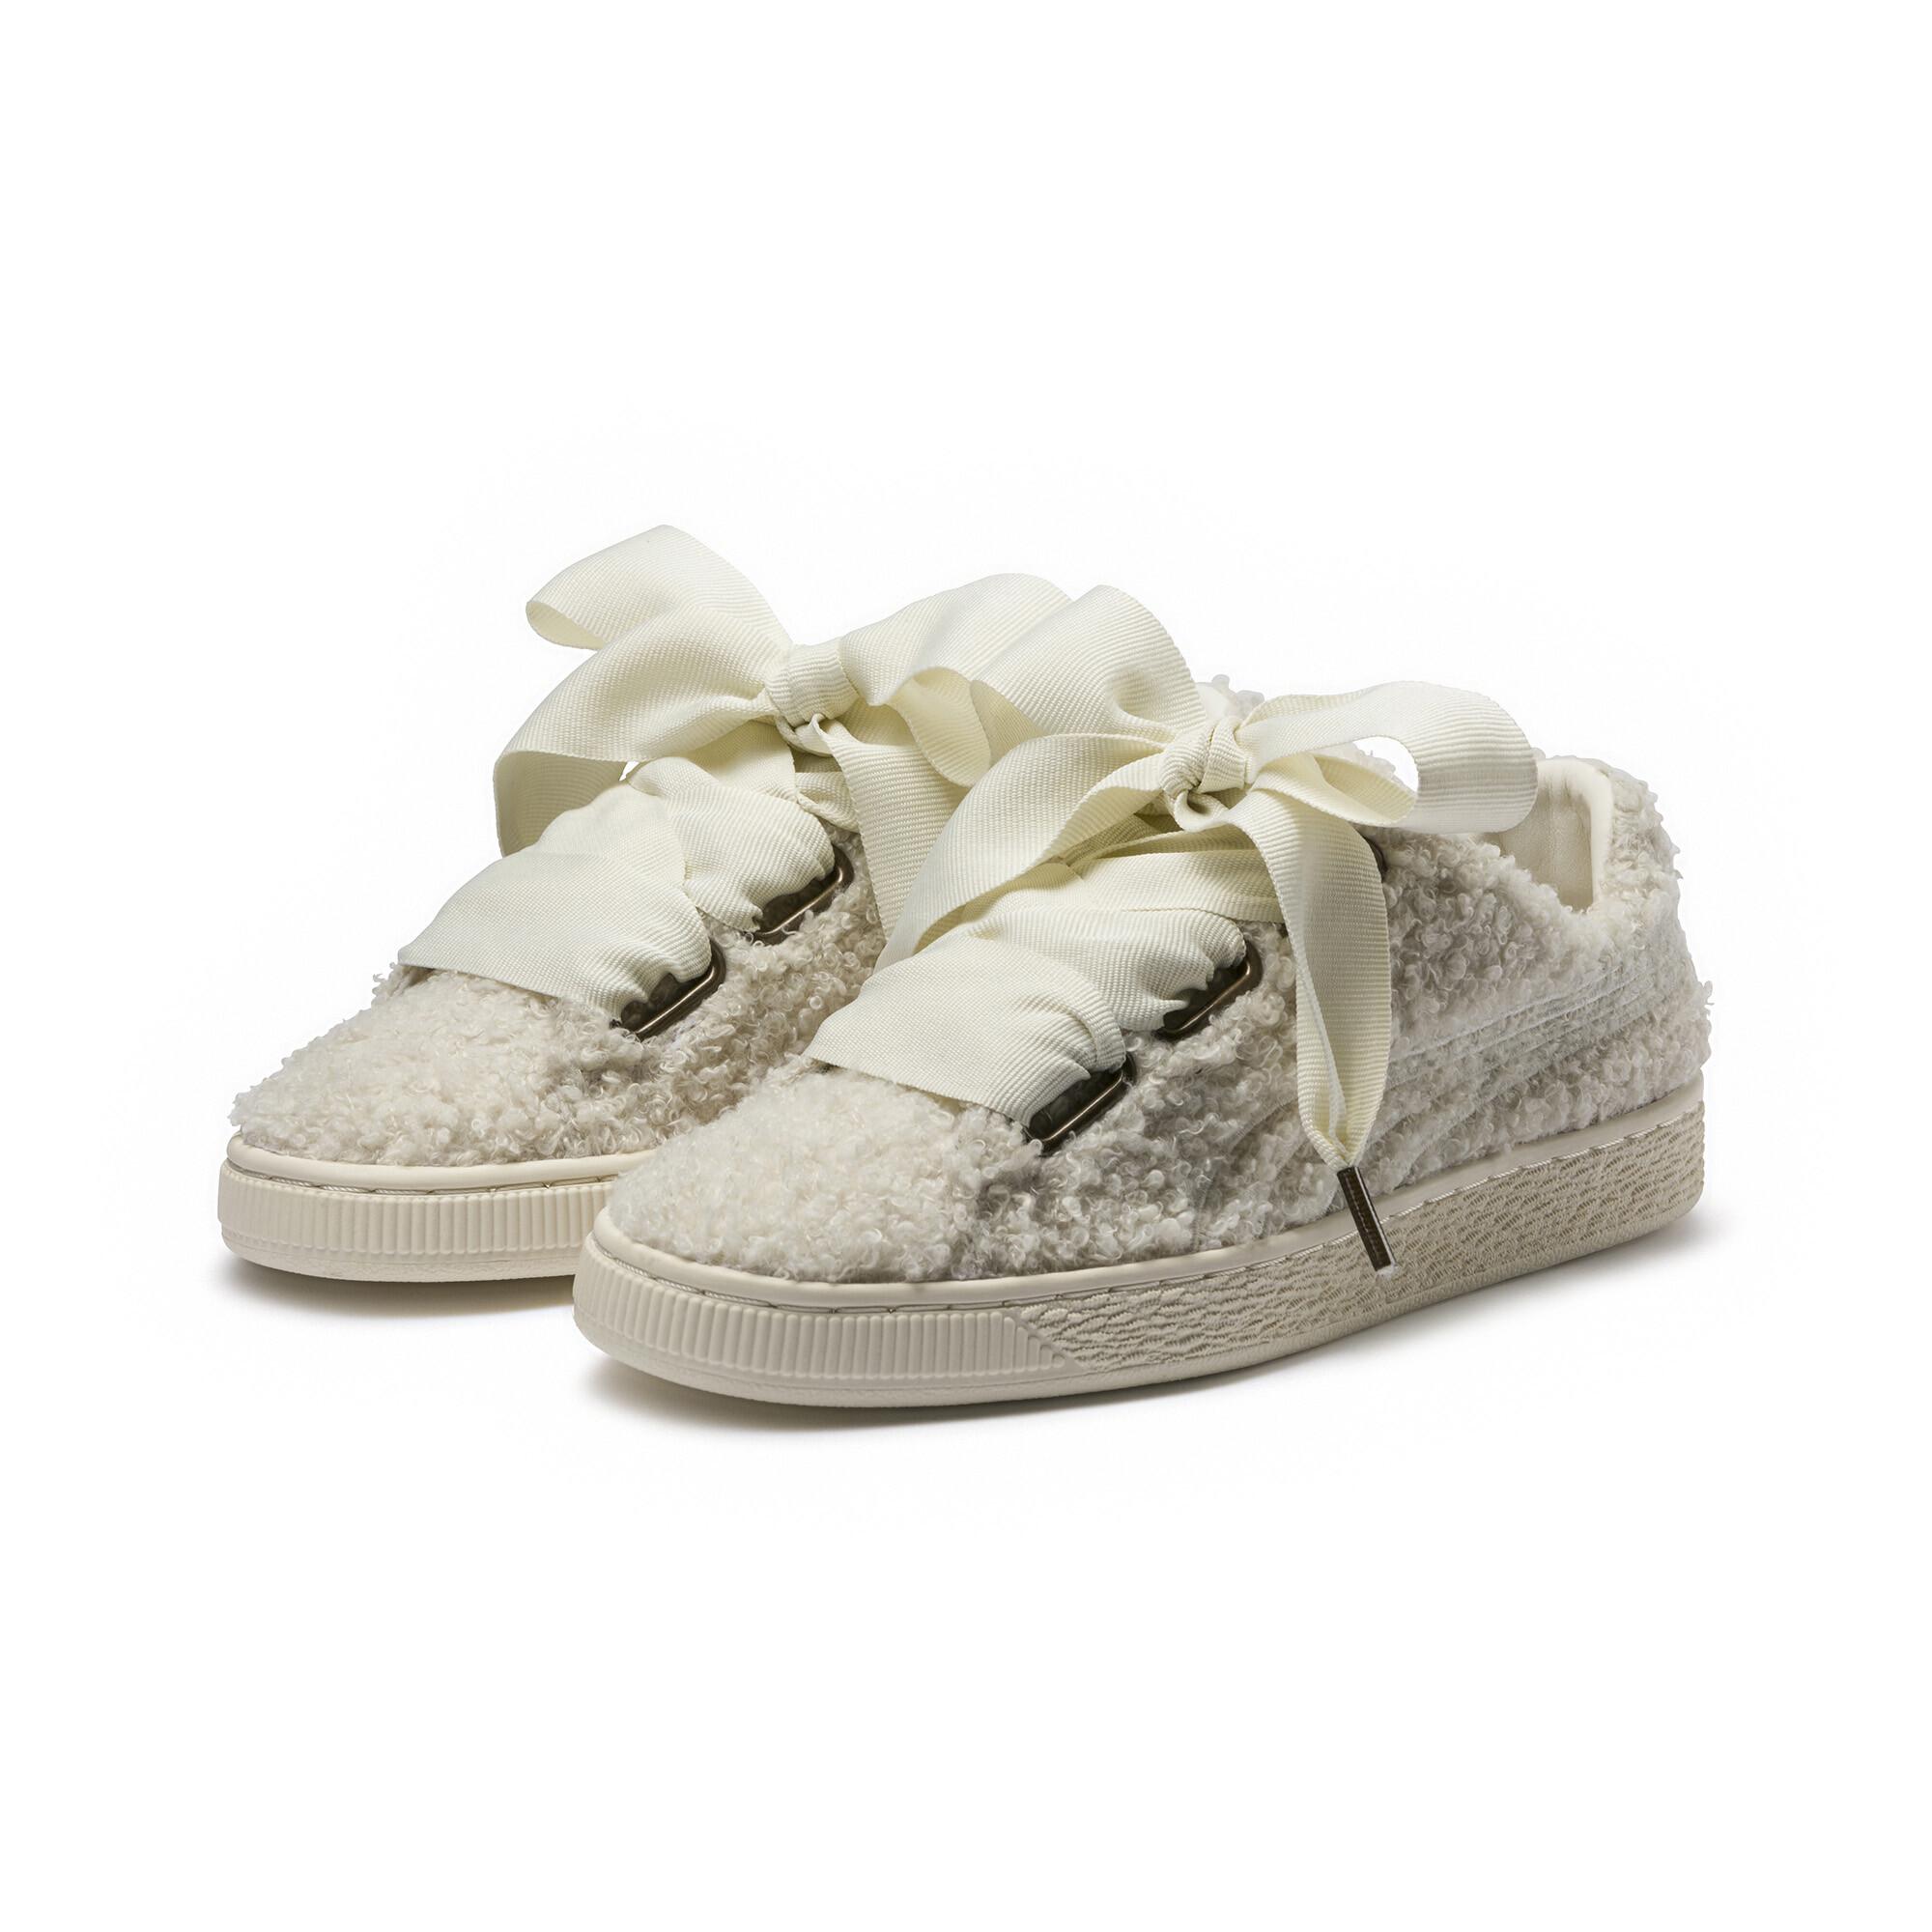 the latest ed05d dbd47 Details about PUMA Basket Heart Teddy Women's Sneakers Women Shoe